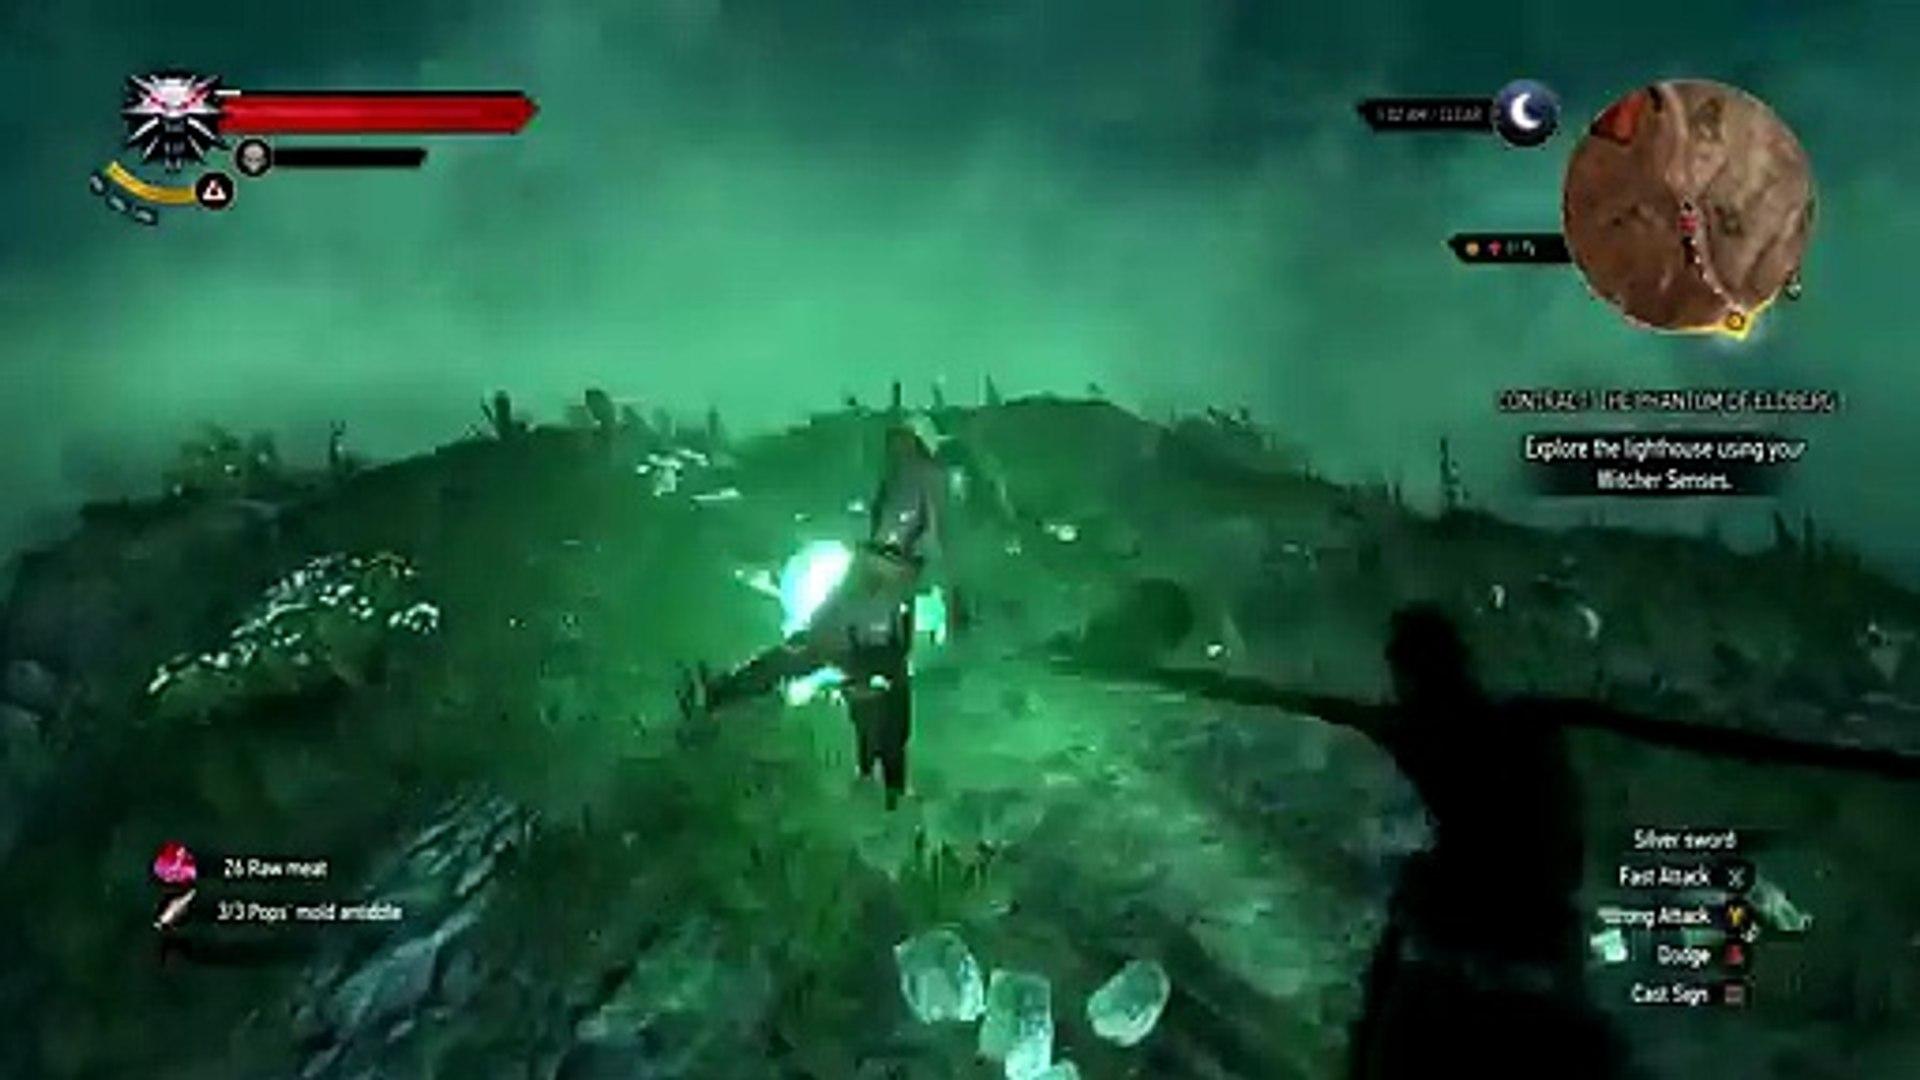 Witcher 3 Glitches NEW Item Dupe Glitch & XP Glitch!